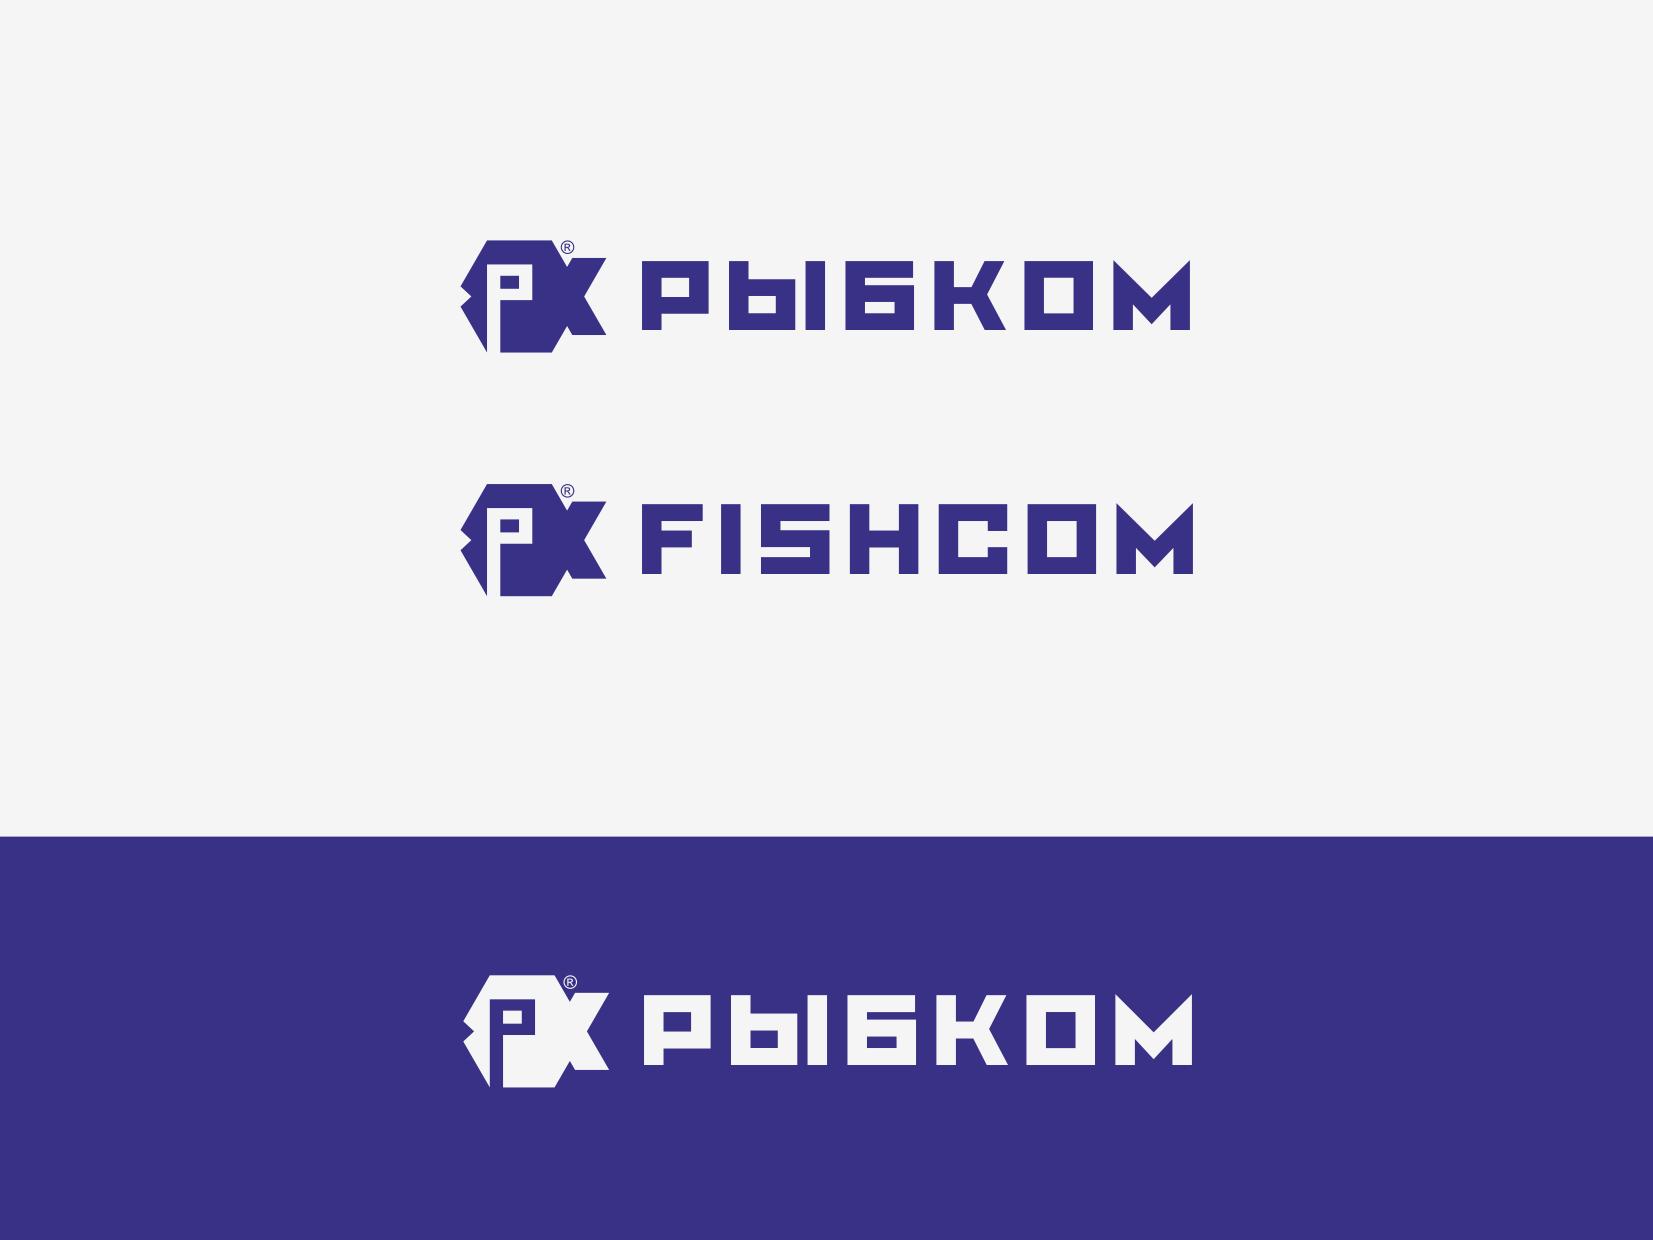 Создание логотипа и брэндбука для компании РЫБКОМ фото f_3495c0d281ba4c12.png